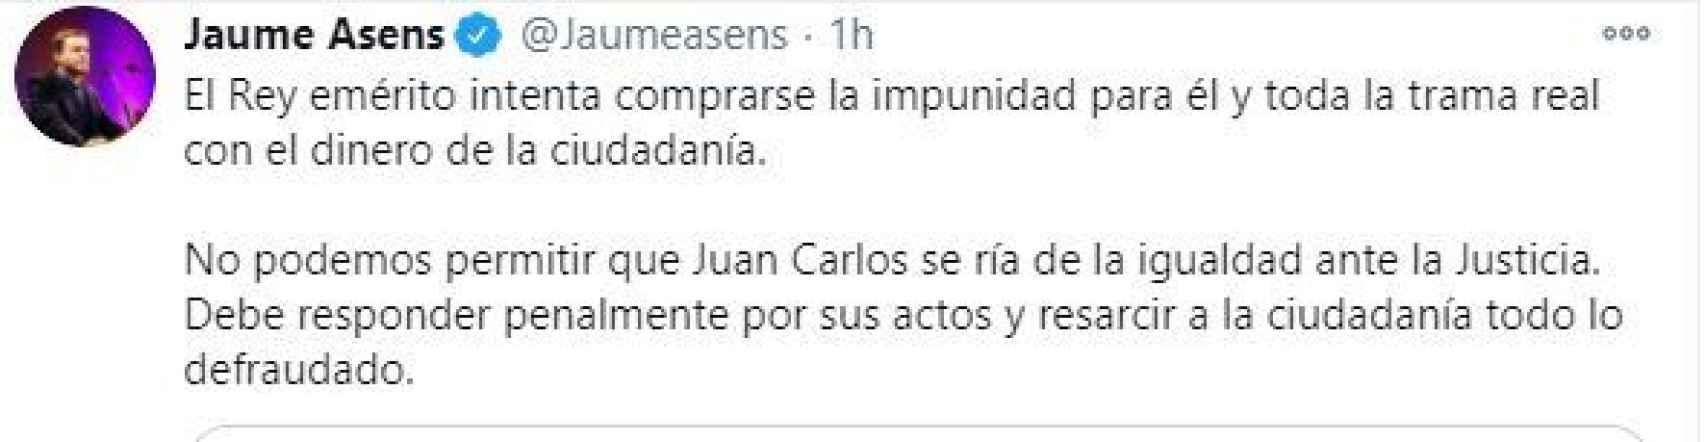 Tuit de Jaume Asens./